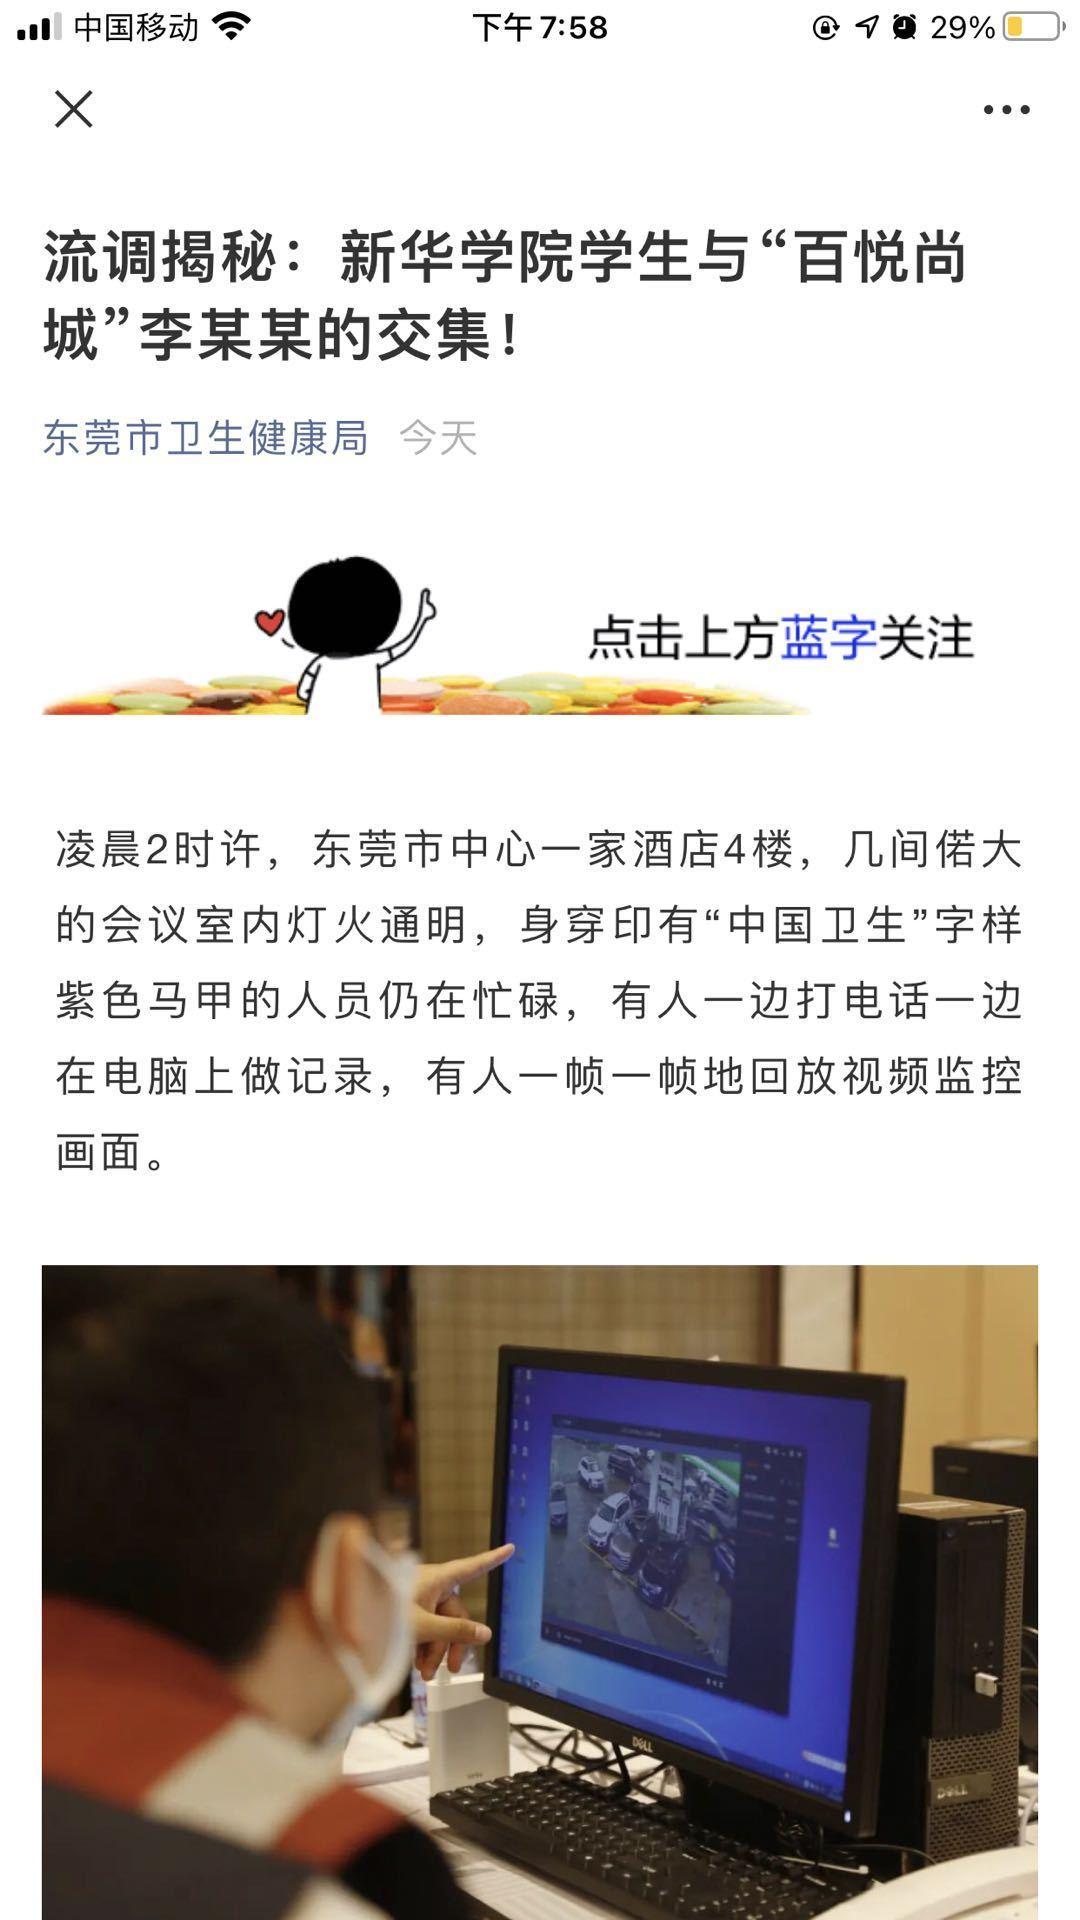 东莞学生被感染细节公布!流调揭秘:未戴口罩经过感染者餐桌